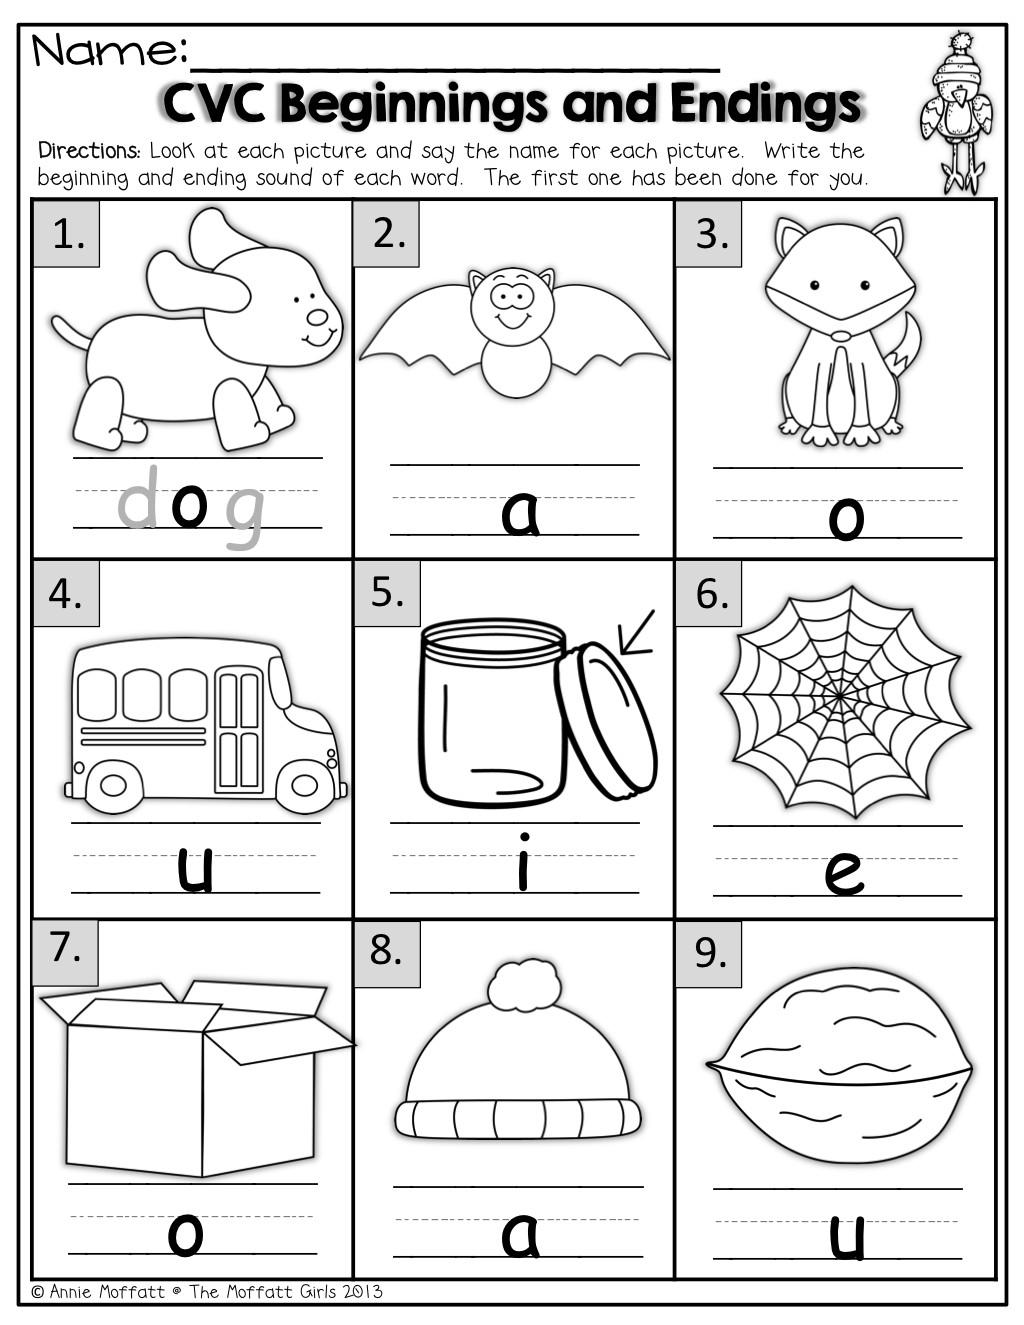 Medial sounds Worksheets First Grade Middle sound Worksheets Kindergarten